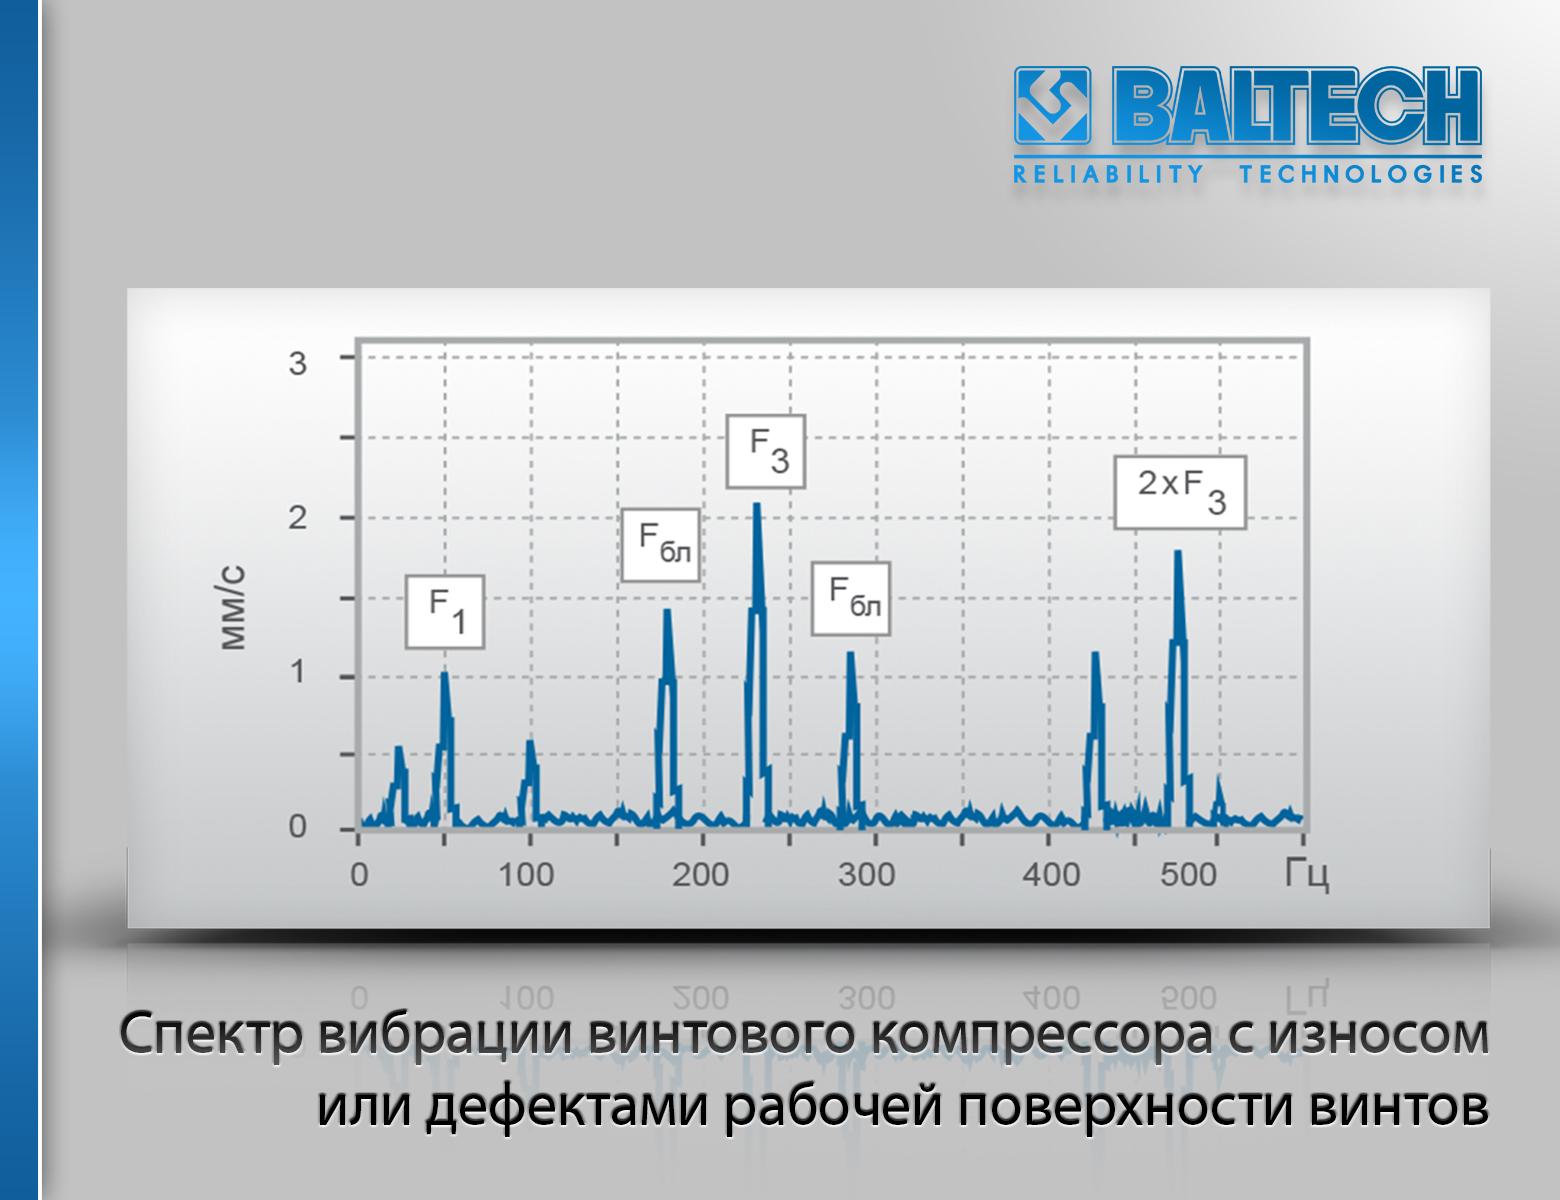 Спектр вибрации винтового компрессора с износом или дефектами рабочей поверхности винтов, вибродиагностика